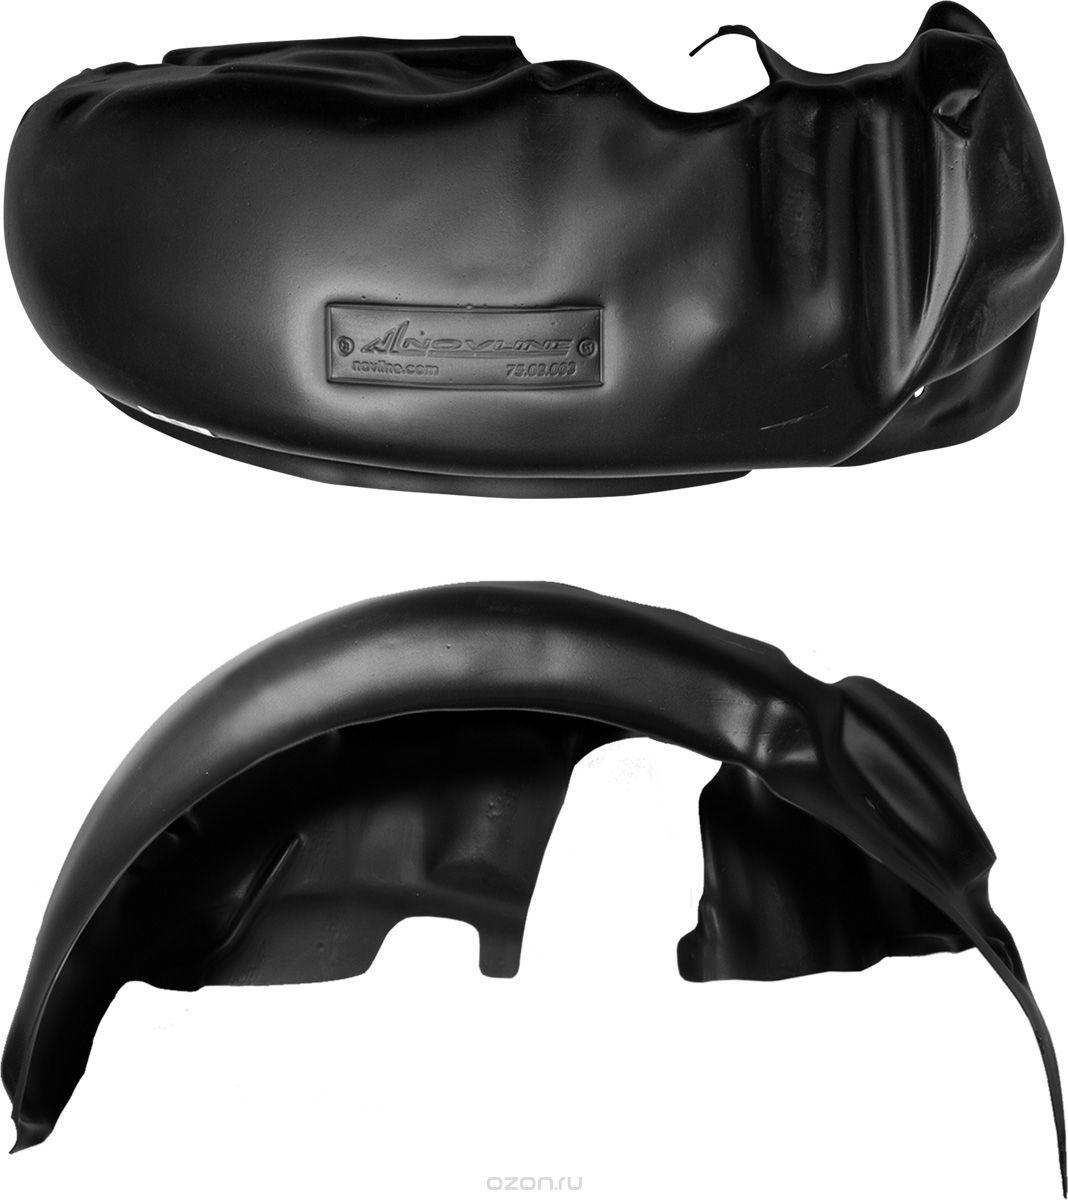 Подкрылок Novline-Autofamily, для CHERY Tiggo 01/2006-2013, 2013->, задний левыйNLL.63.03.003Идеальная защита колесной ниши. Локеры разработаны с применением цифровых технологий, гарантируют максимальную повторяемость поверхности арки. Изделия устанавливаются без нарушения лакокрасочного покрытия автомобиля, каждый подкрылок комплектуется крепежом. Уважаемые клиенты, обращаем ваше внимание, что фотографии на подкрылки универсальные и не отражают реальную форму изделия. При этом само изделие идет точно под размер указанного автомобиля.